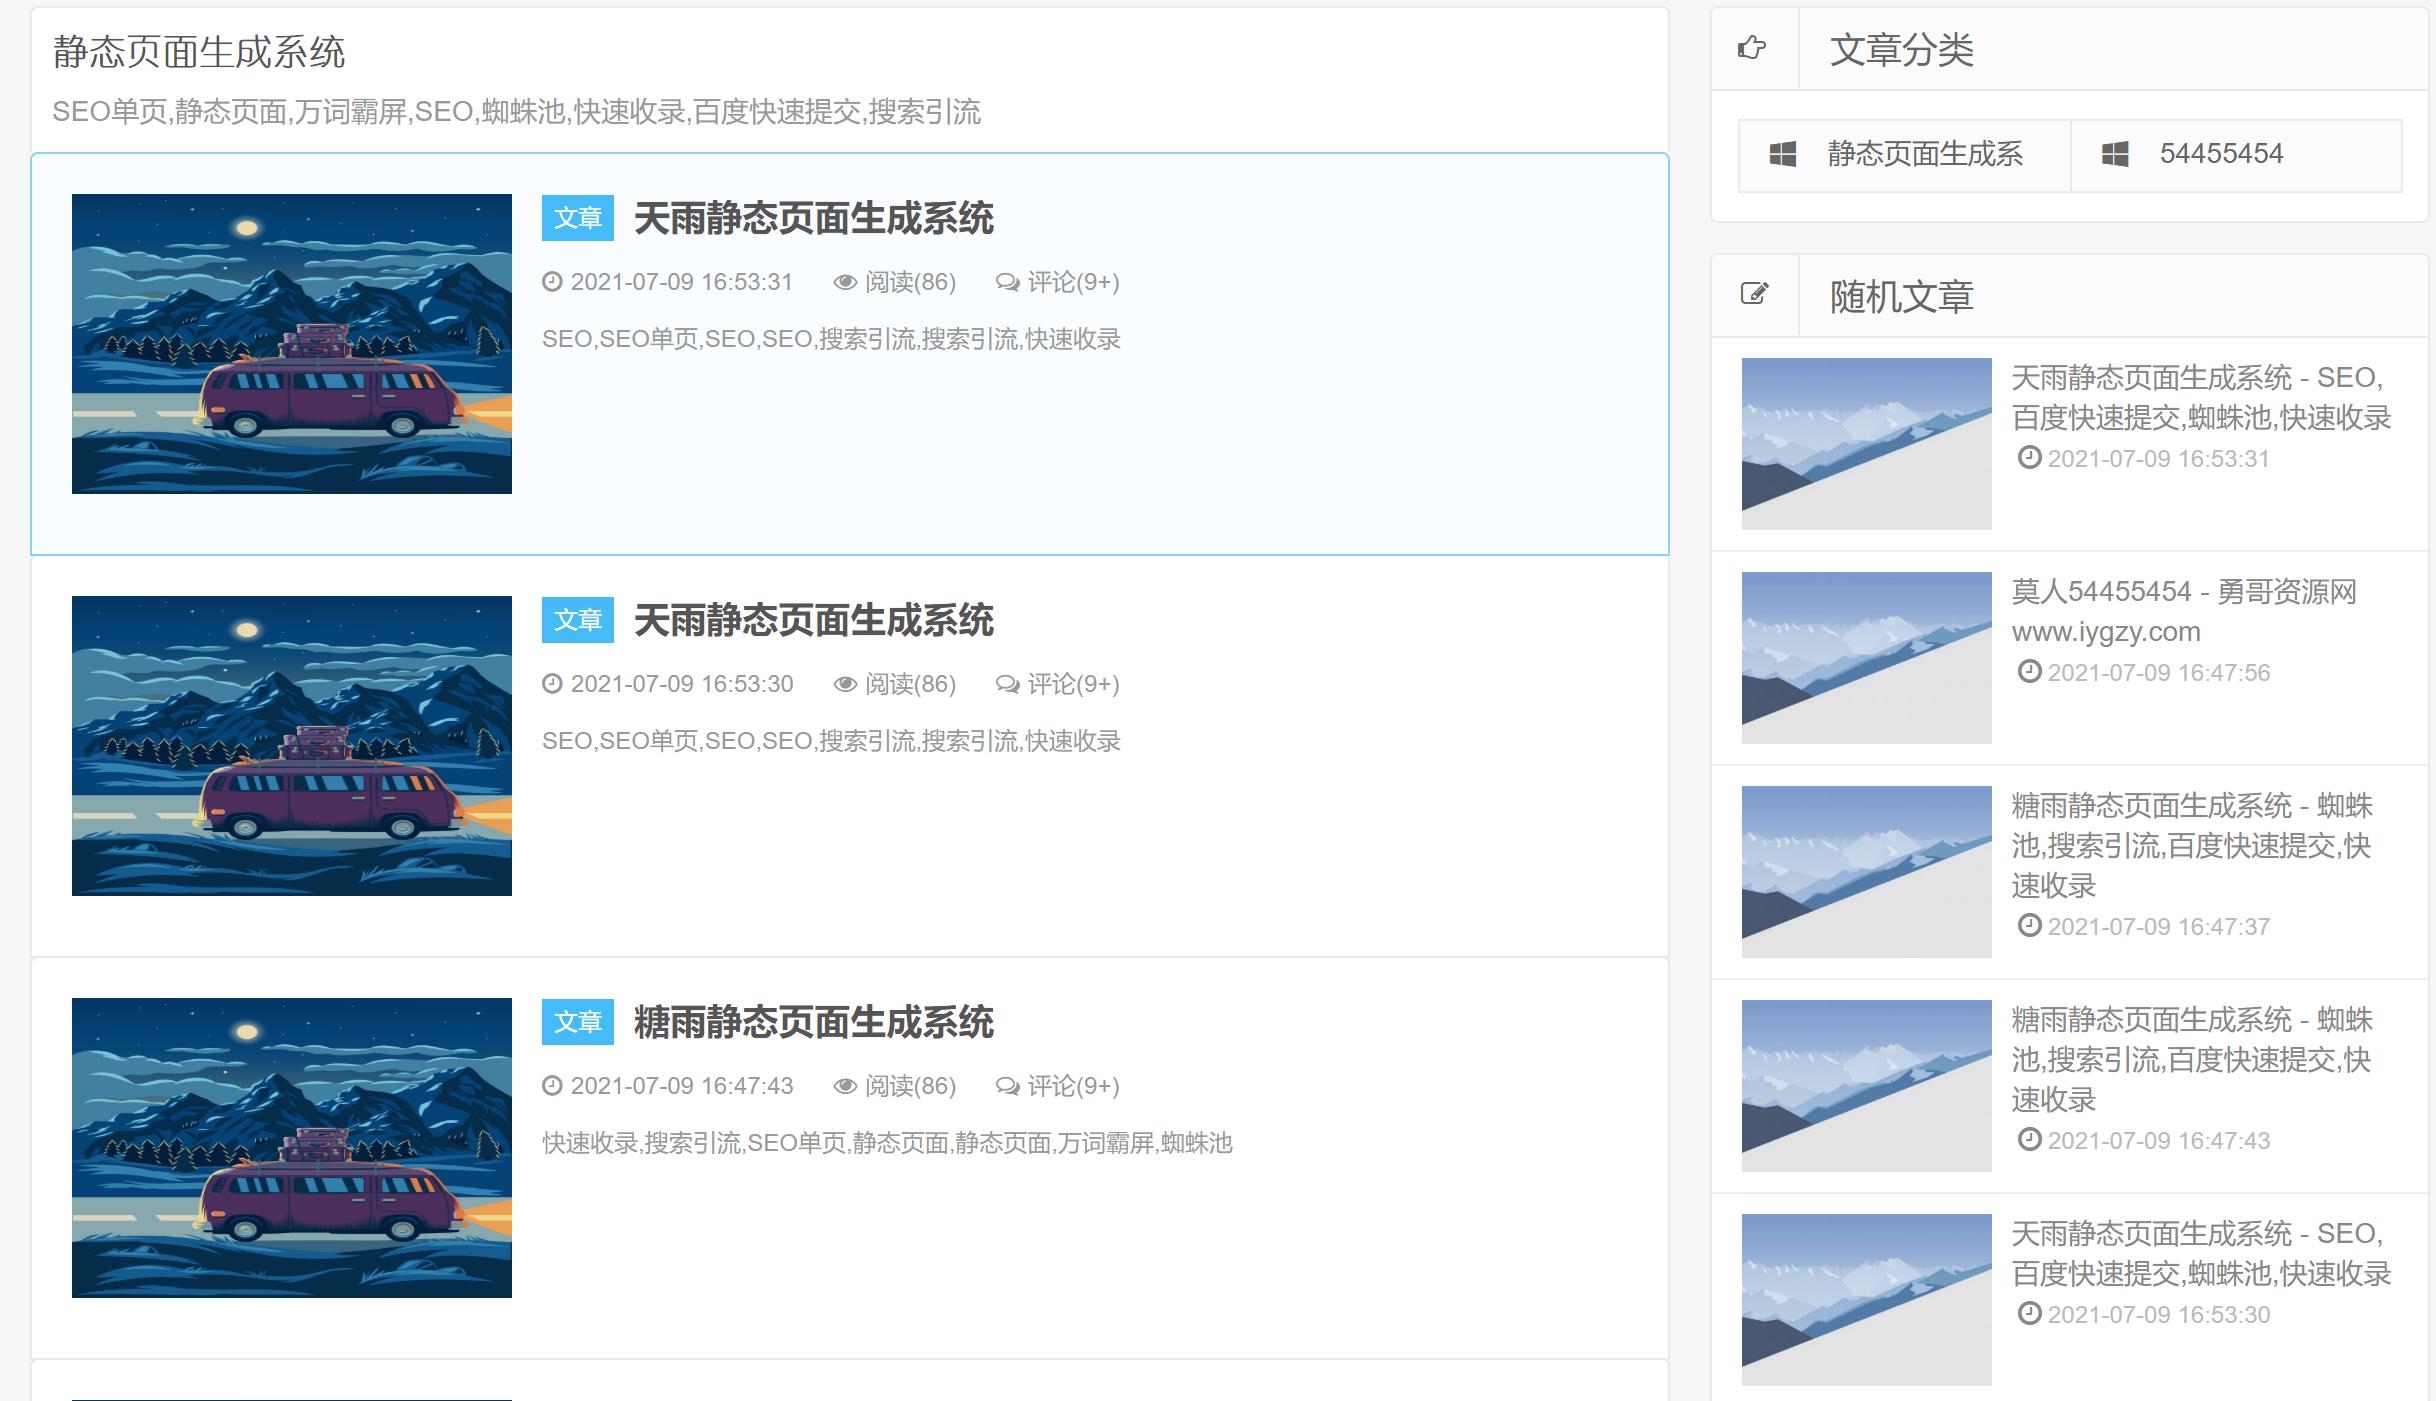 雨尘SEO静态页面生成系统v1.3最新版本源码